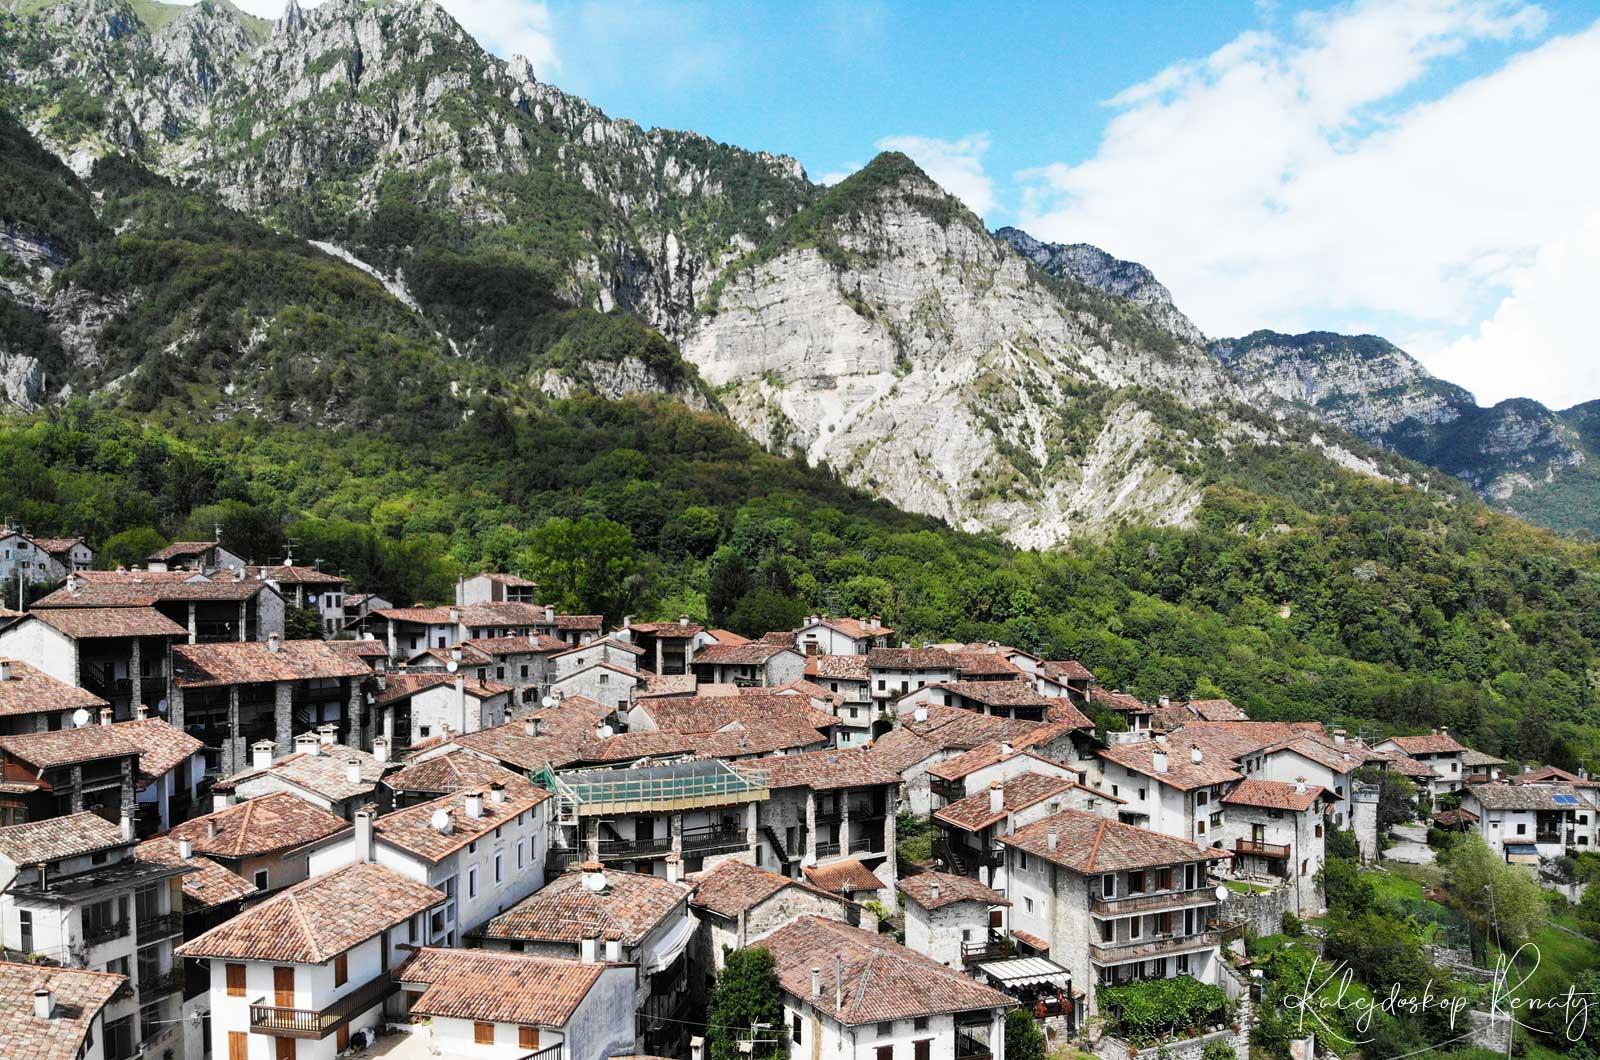 Poffabro — najpiękniejsze miasteczko we Friuli Wenecji Julijskiej